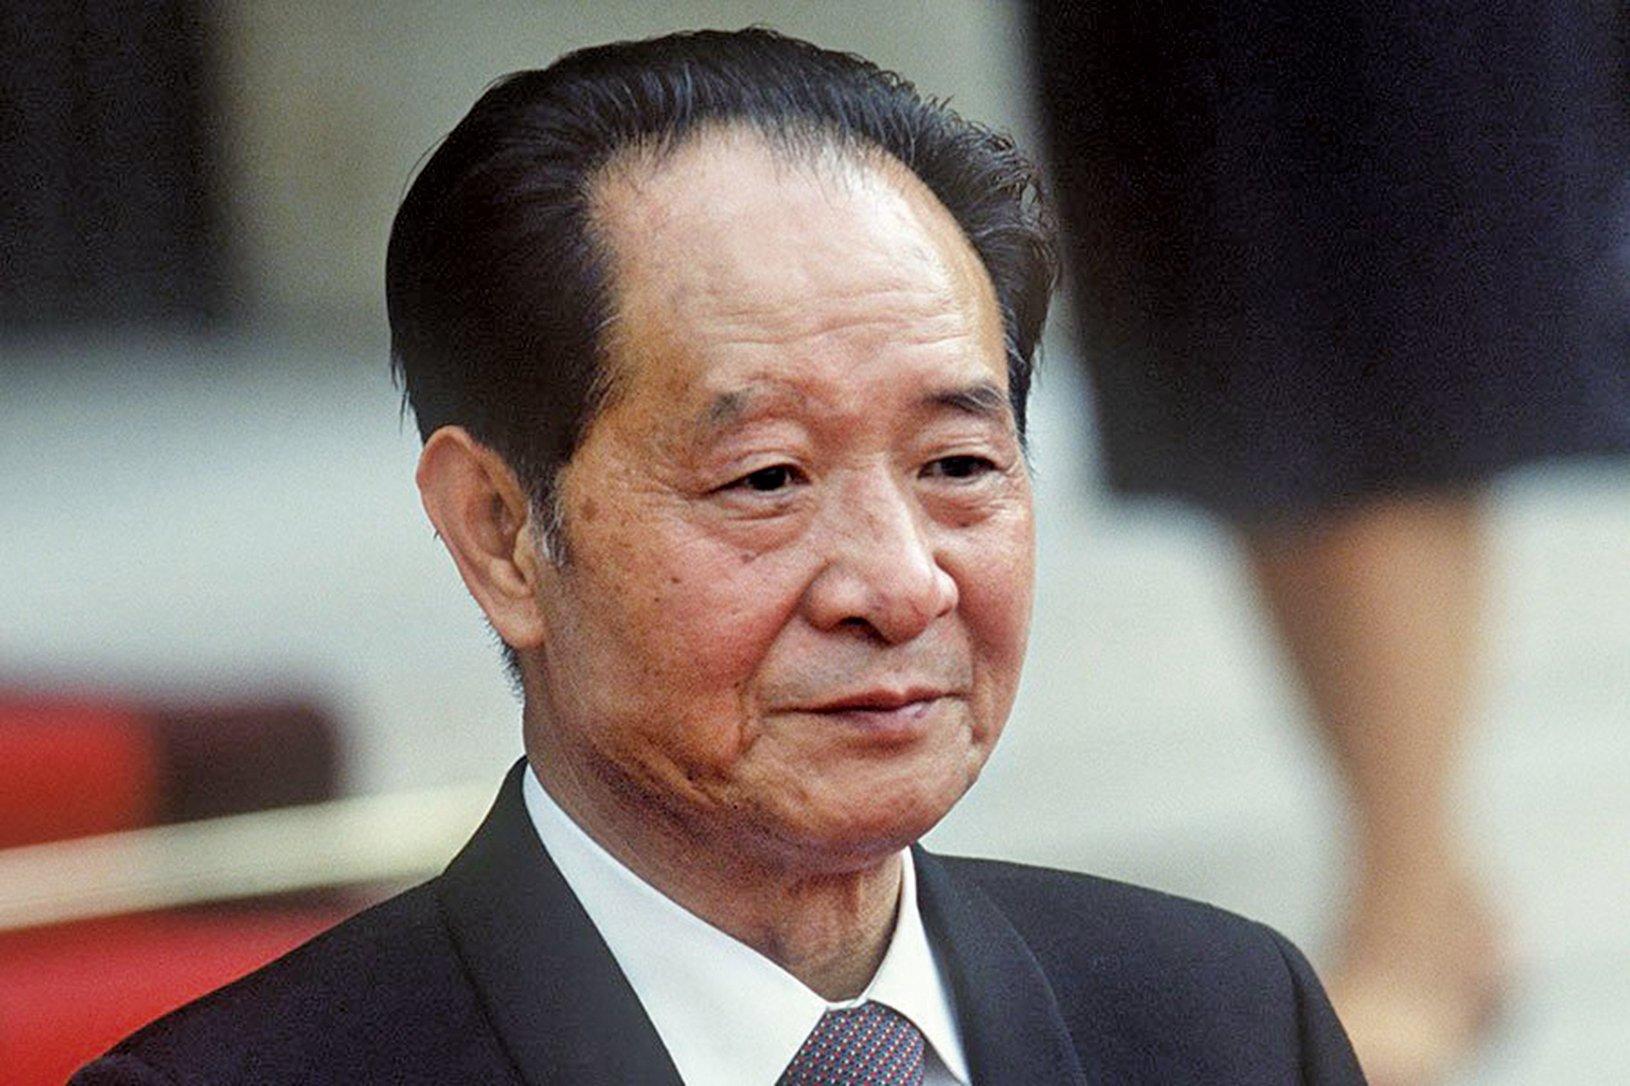 胡耀邦(如圖)提出「西藏六條」遭以王震、鄧力群為代表的大漢族主義舊勢力在中央發難,攻擊中央對西藏、新疆的新政策。(PASCAL GEORGE/AFP/Getty Images)